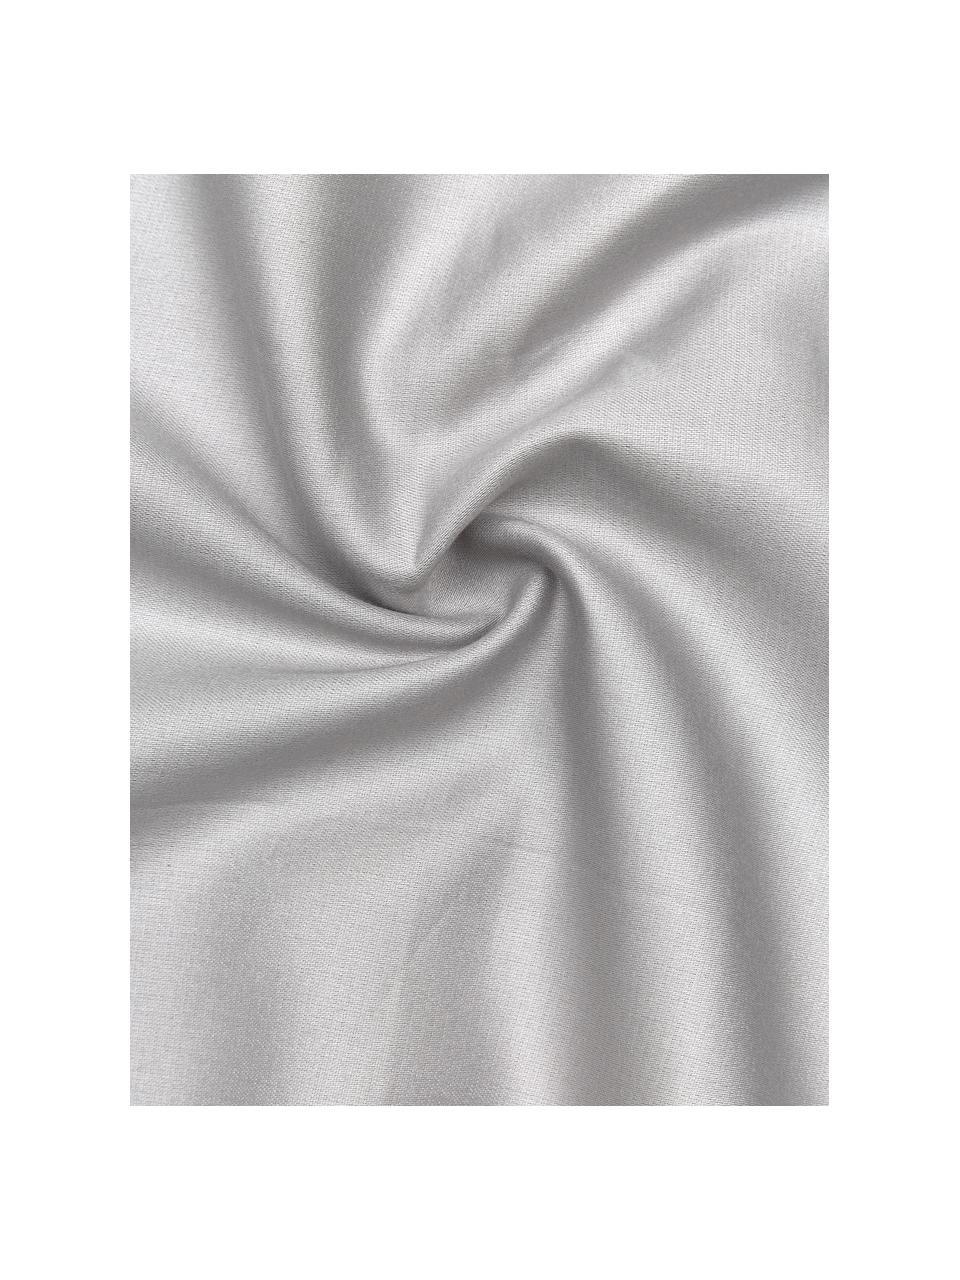 Bambus-Bettwäsche Skye in Grau, 55% Bambus, 45% Baumwolle  Fadendichte 400 TC, Premium Qualität  Bambus ist hypoallergen und antibakteriell. Daher eignet das Material sich hervorragend für empfindliche Haut. Es ist amungsaktiv und absorbiert Feuchtigkeit, um so die Körpertemperatur im Schlaf zu regulieren., Grau, 240 x 220 cm + 2 Kissen 80 x 80 cm